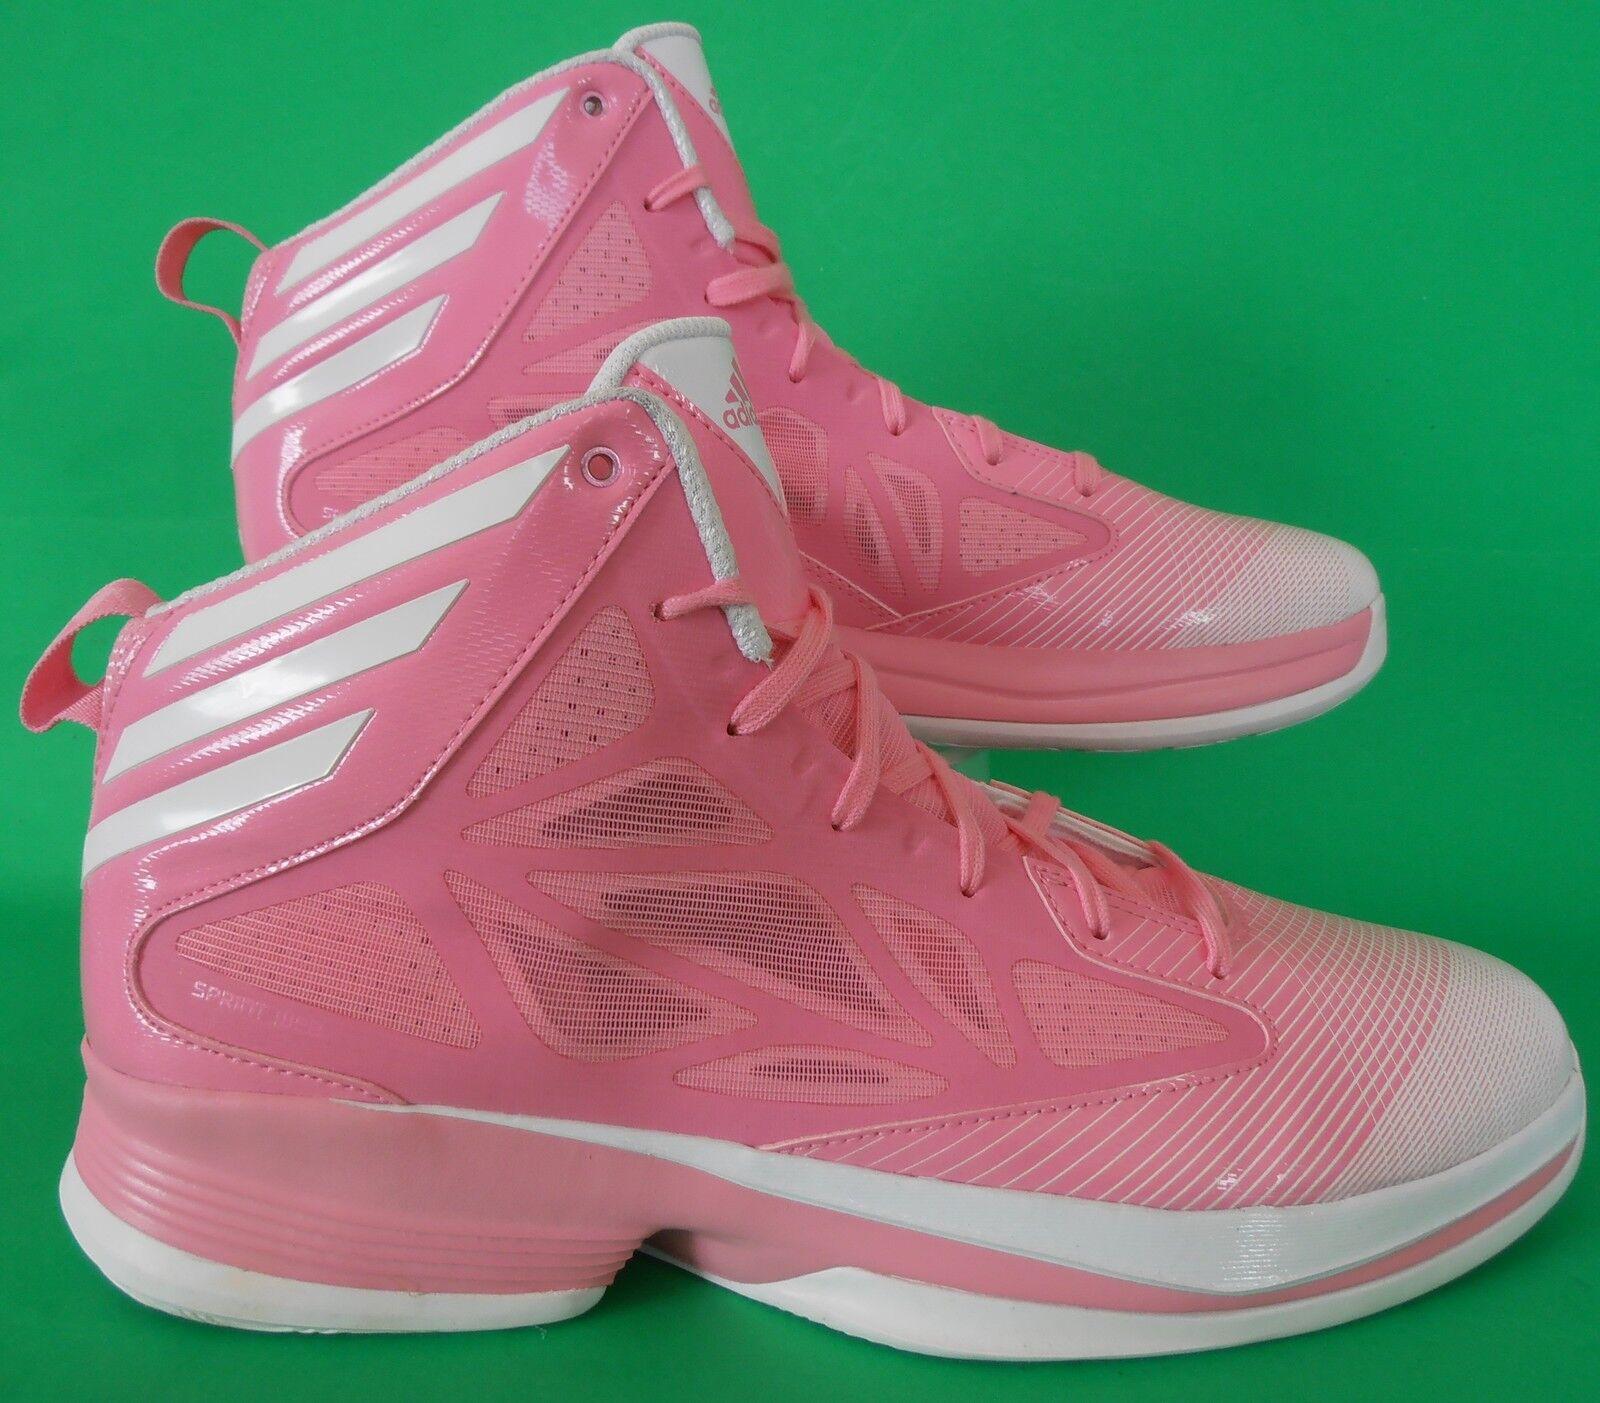 SPECIAL ED~Adidas CRAZY FAST CANCER AWARE Basketball quick Shoe adizero~Men 13.5